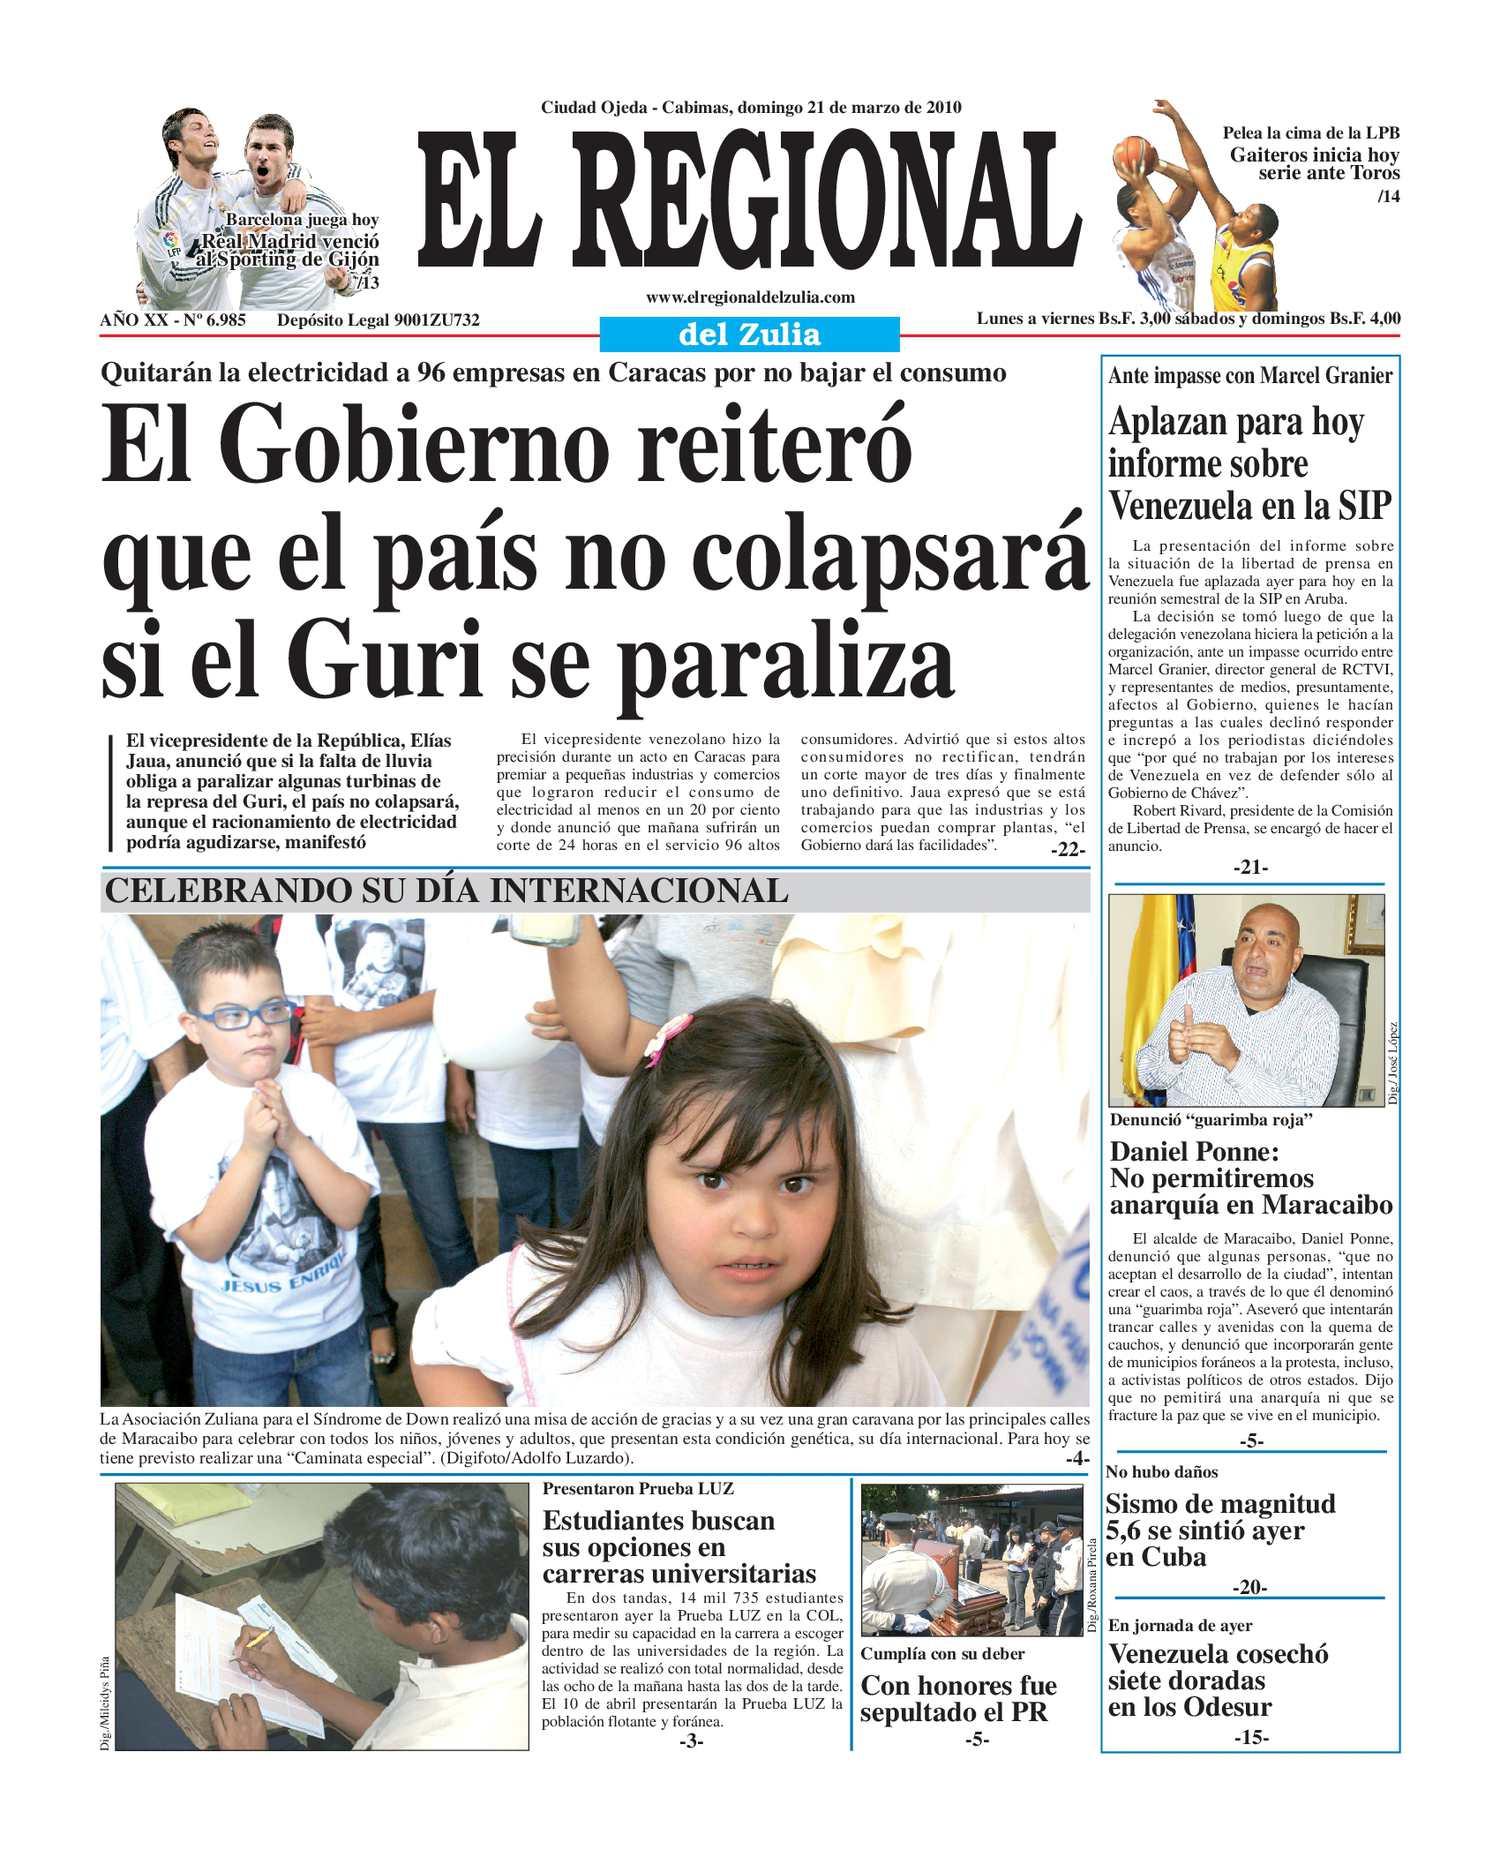 El Regional del Zulia | 21-03-2010